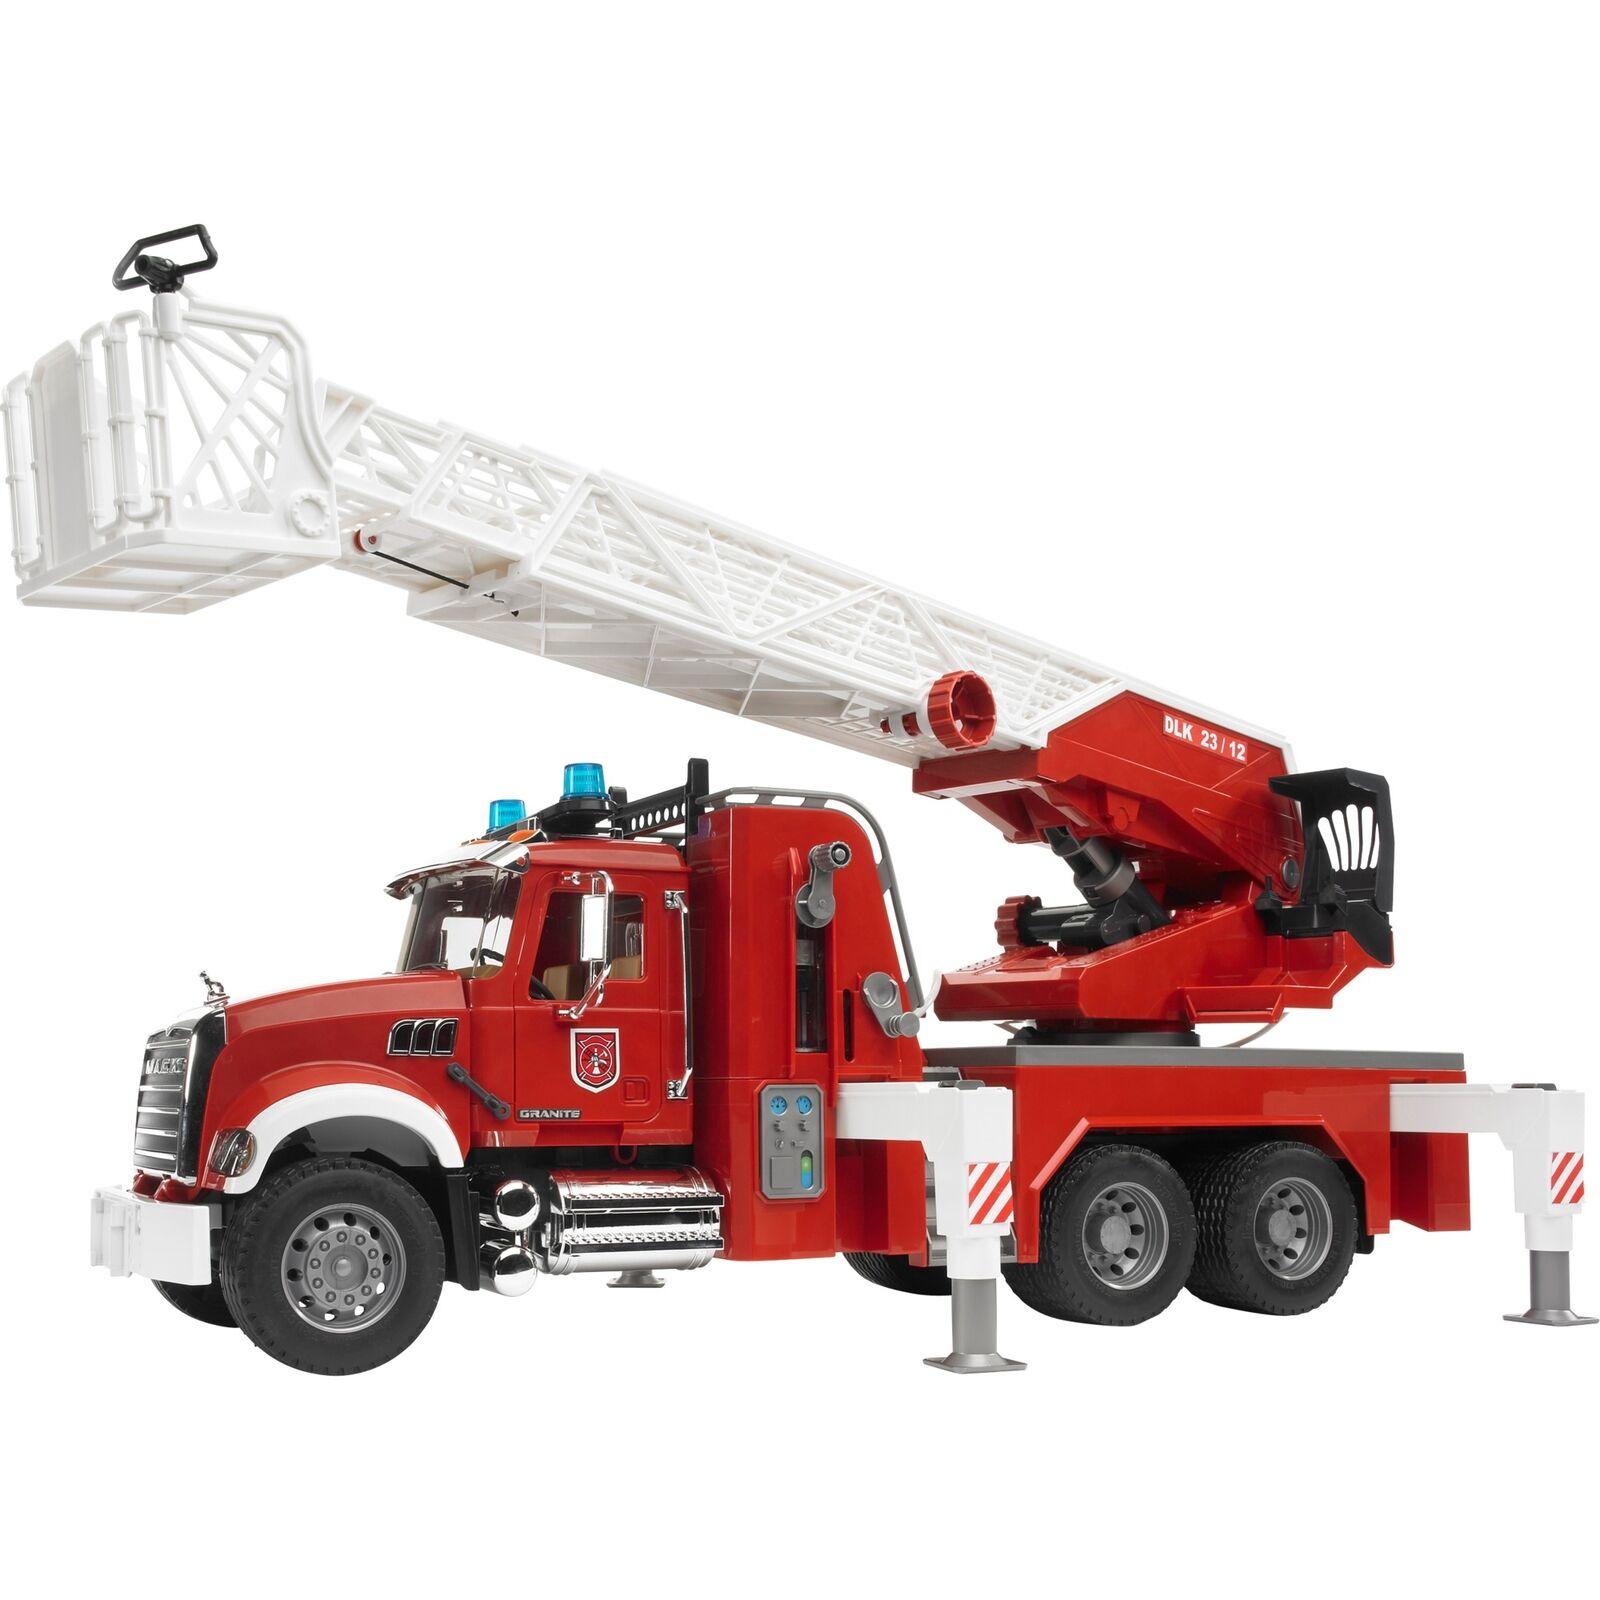 Bruder MACK Granite Feuerwehrleiterwagen Modellfahrzeug Modellfahrzeug Modellfahrzeug rot e2764f